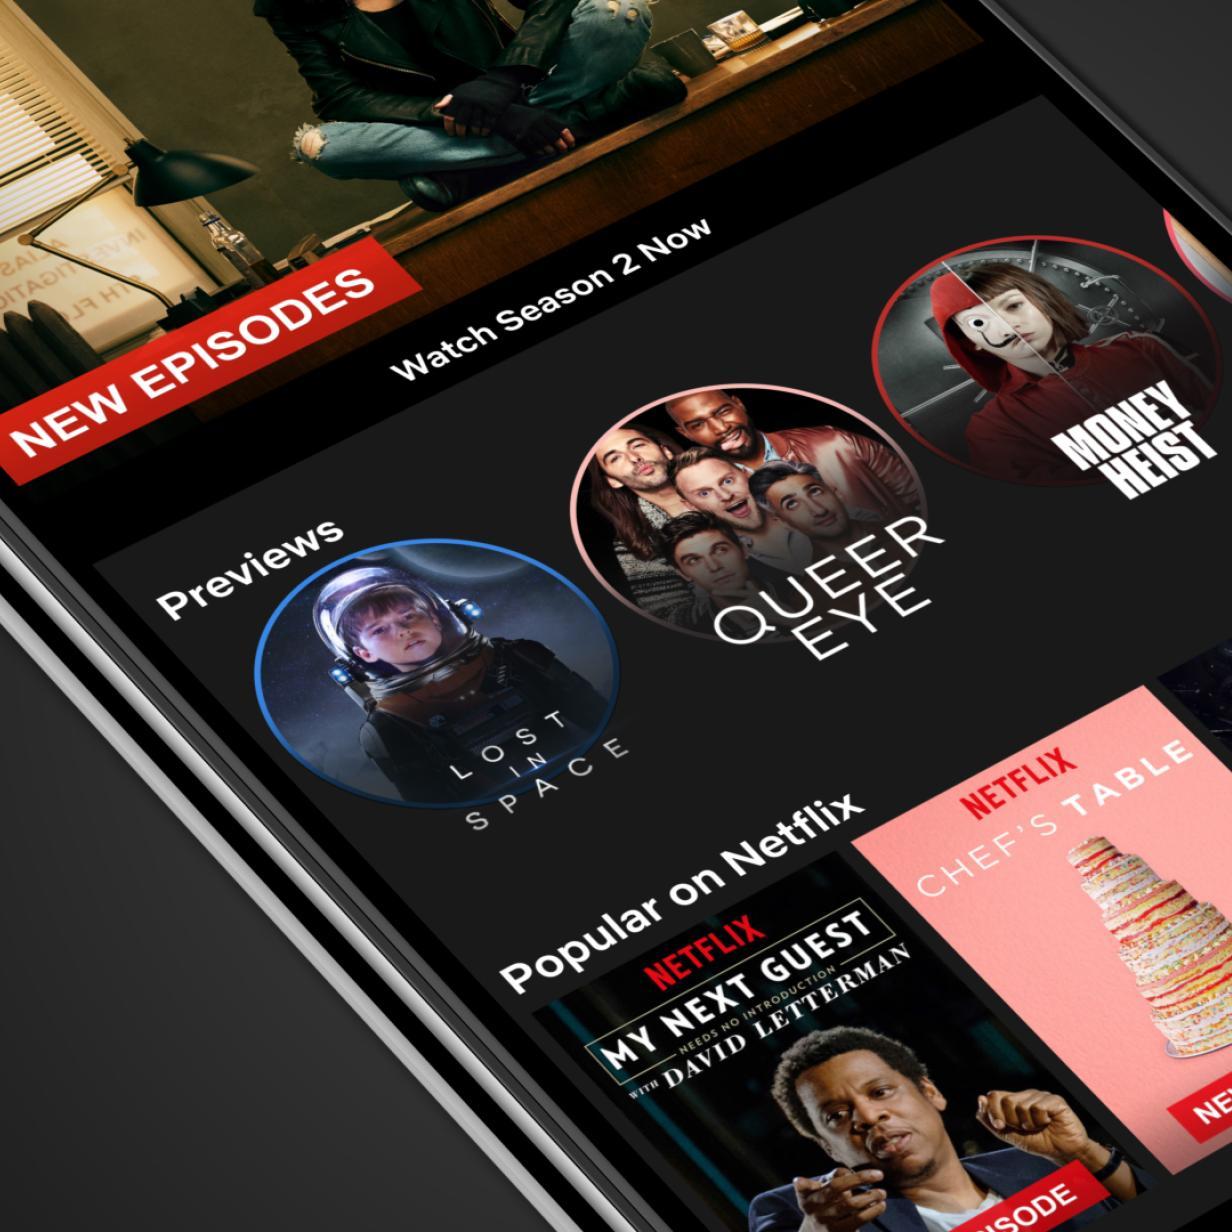 Netflix experimentiert mit einem Zufalls-Button